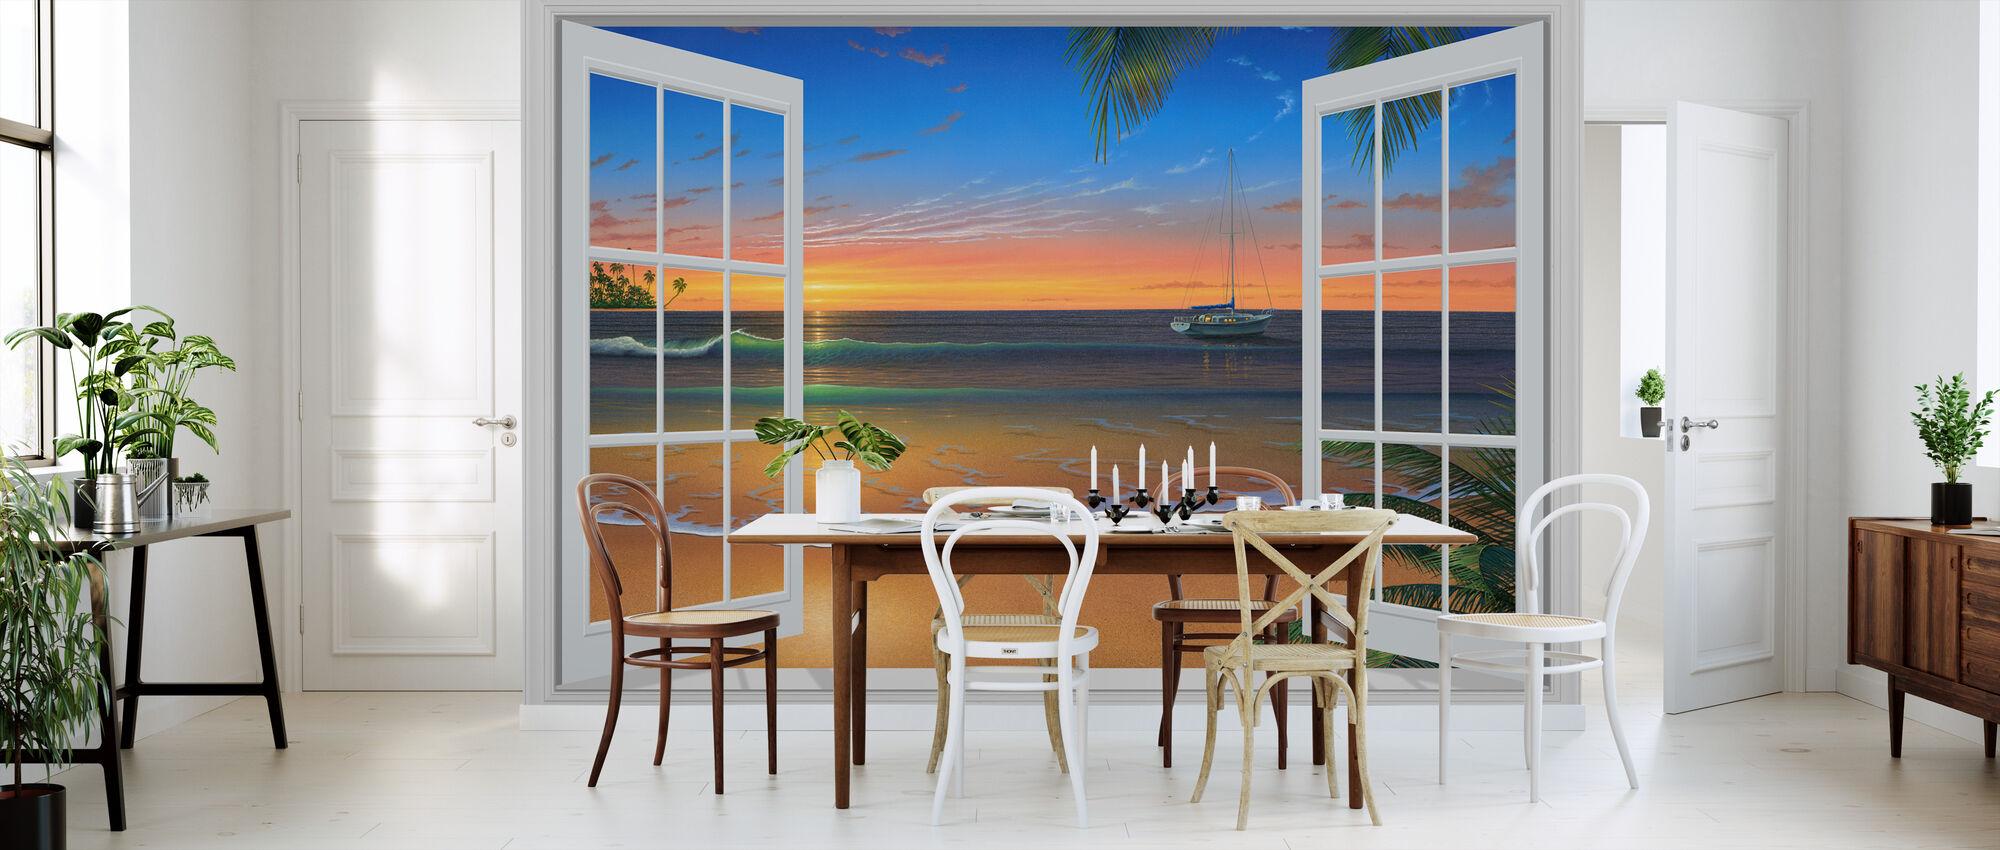 Solnedgång genom fönster - Tapet - Kök